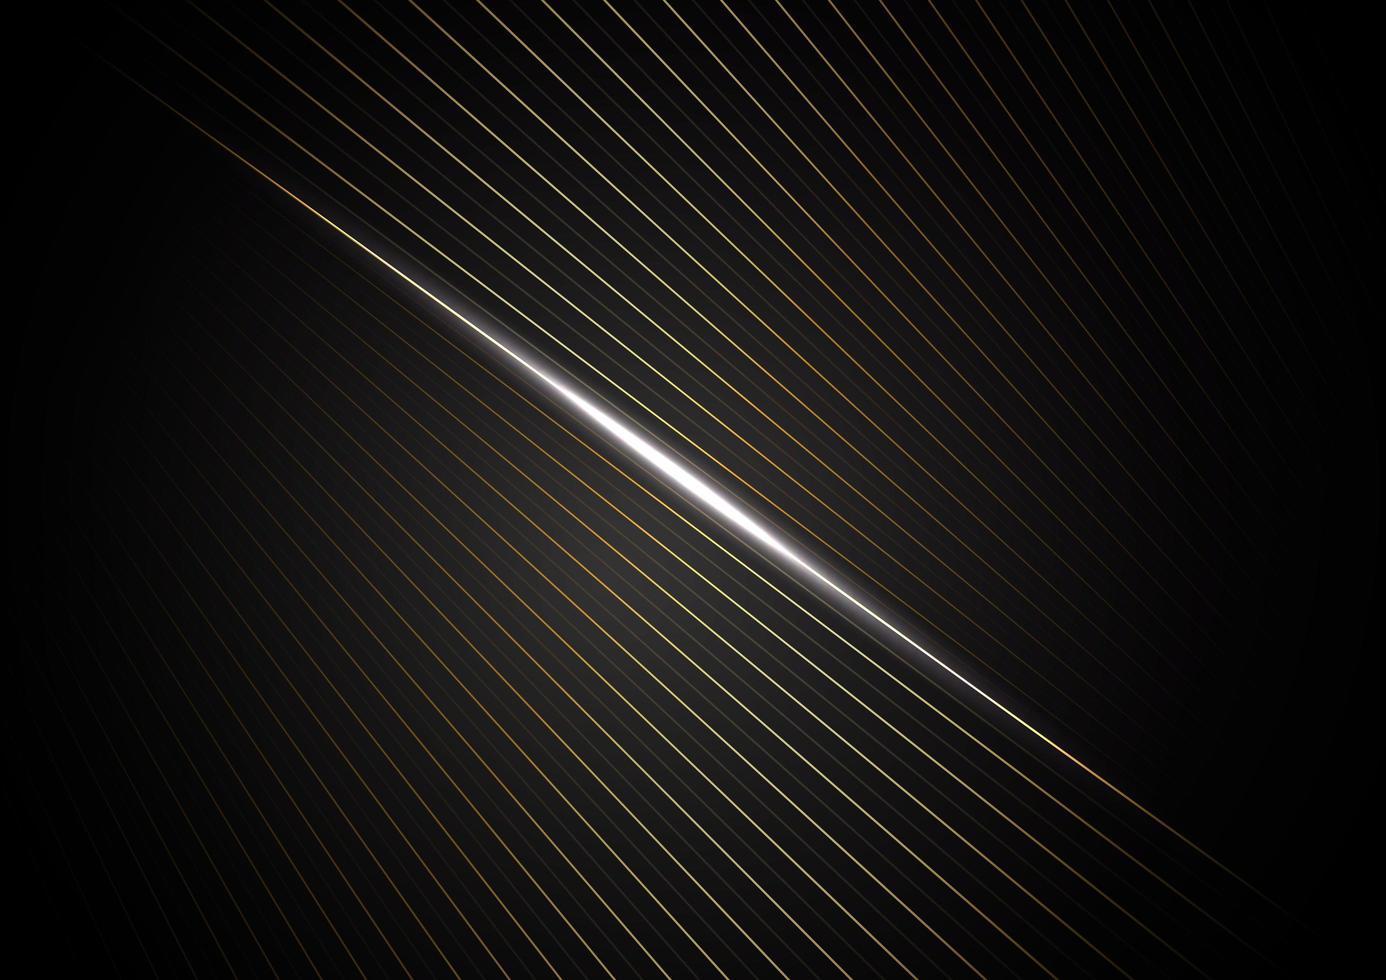 linhas douradas claras em movimento fundo preto vetor